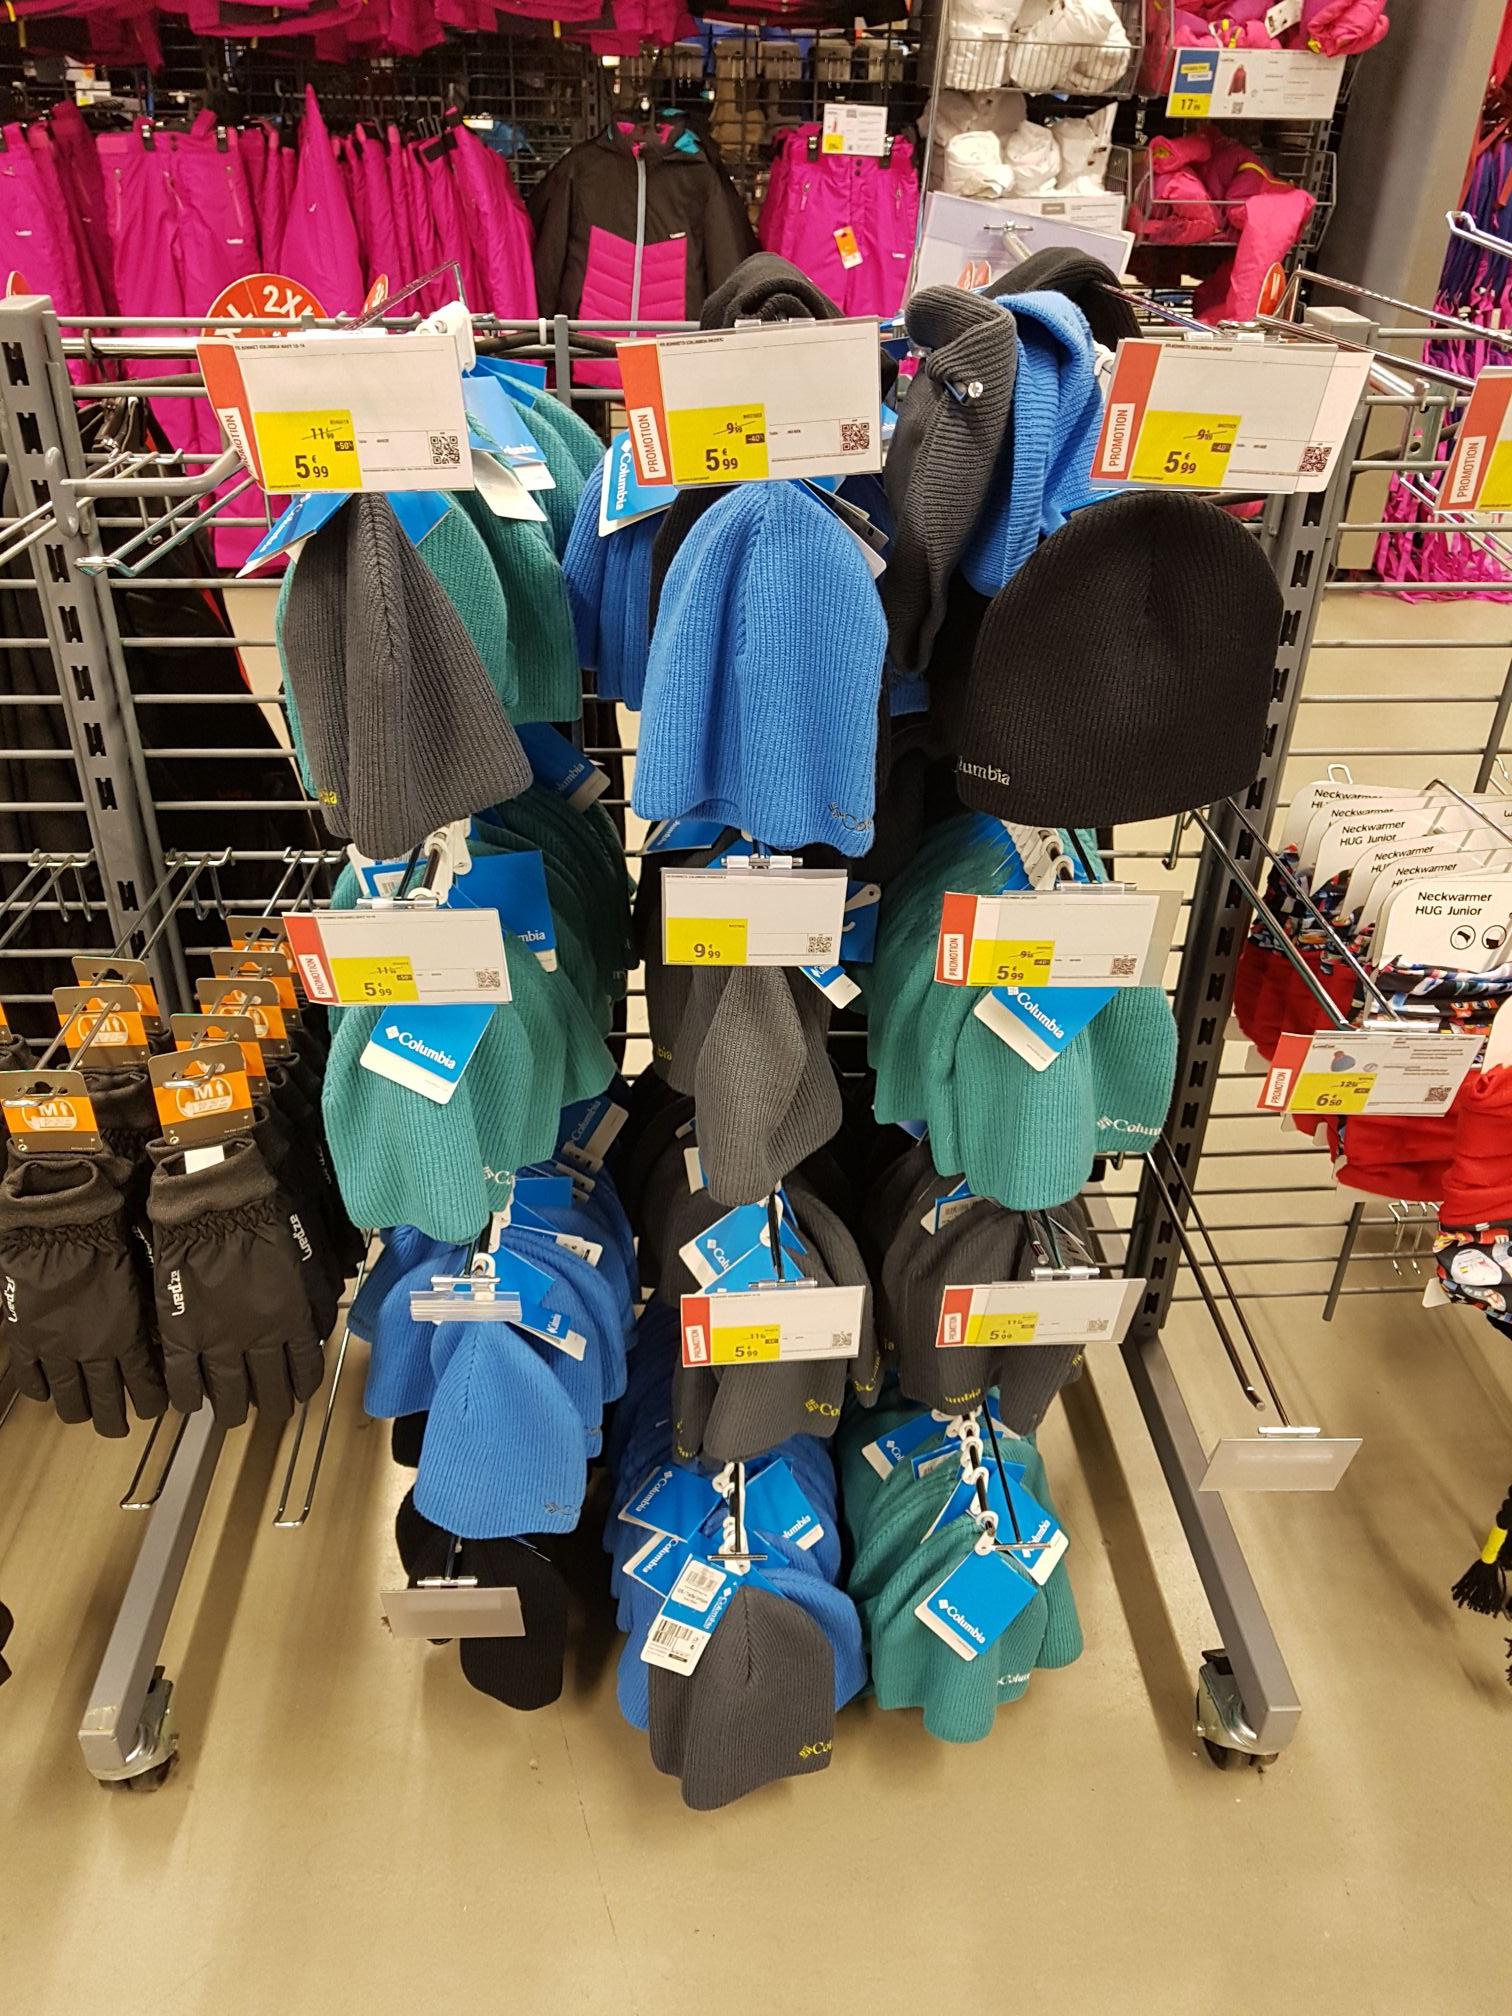 Sélection de bonnets Columbia (différents coloris) à 5.99€ - Decathlon Thiais Village (94)